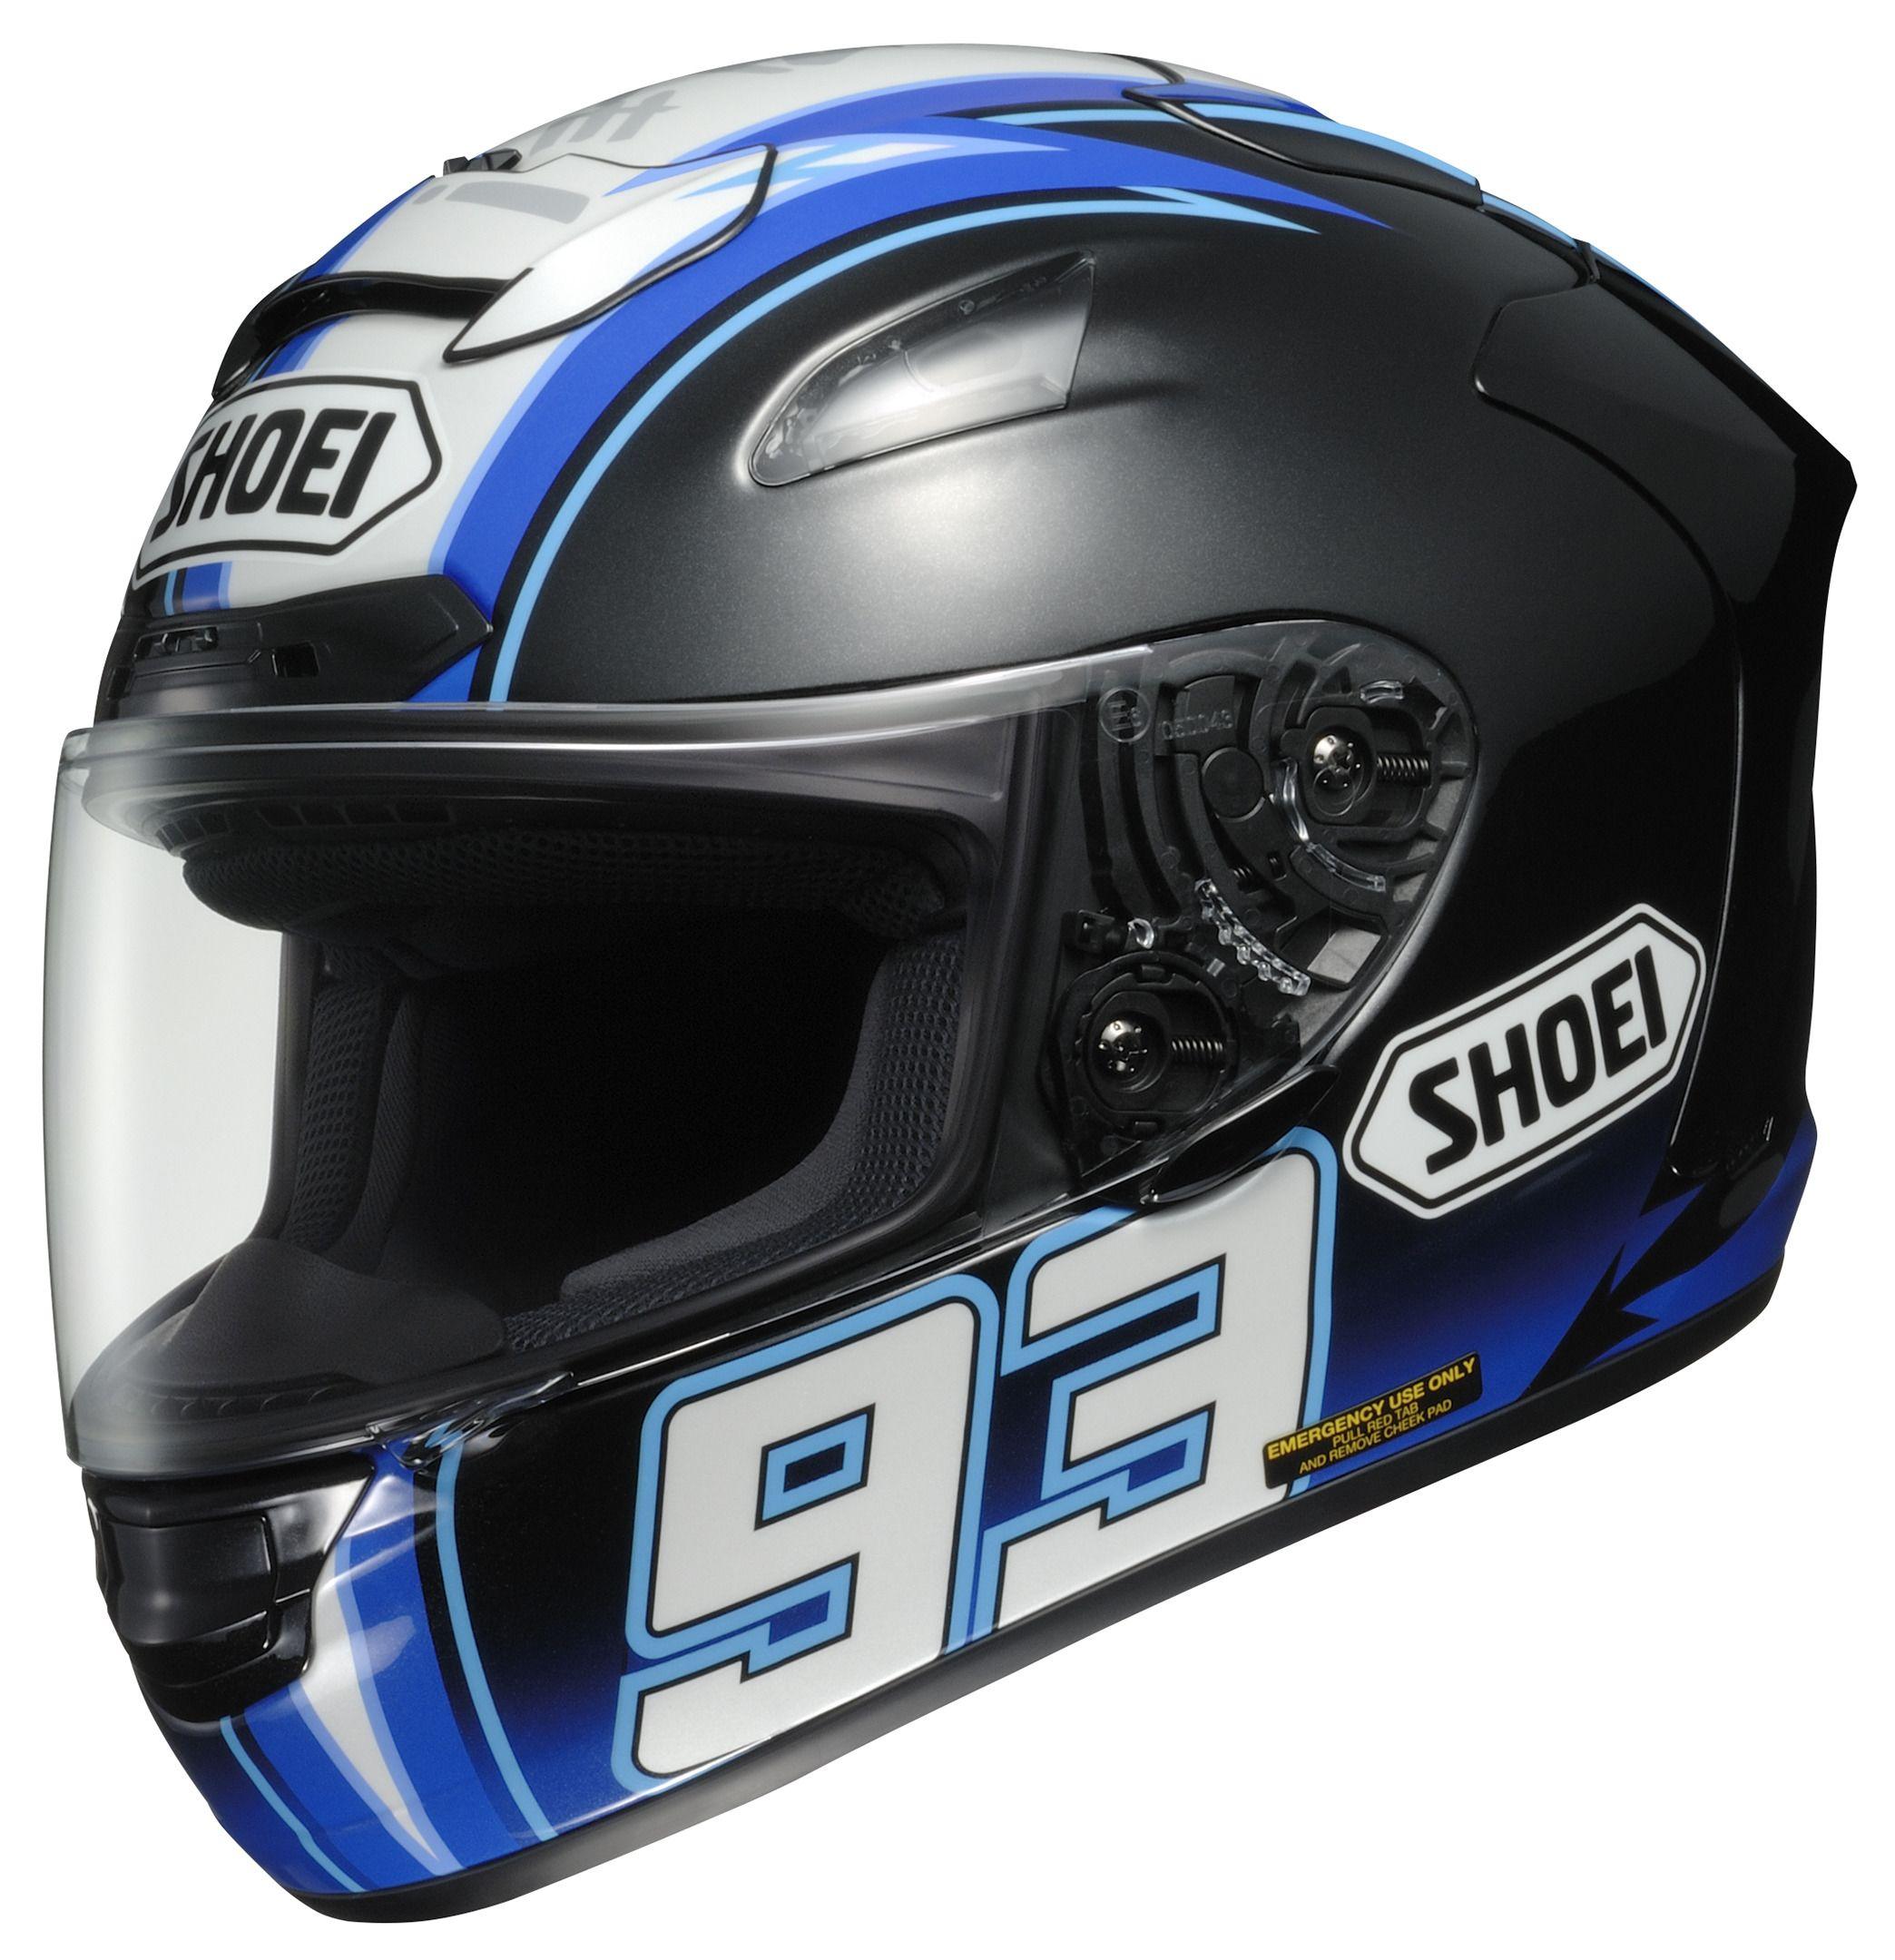 Shoei X 12 Montmelo Marquez Helmet Size XL ly